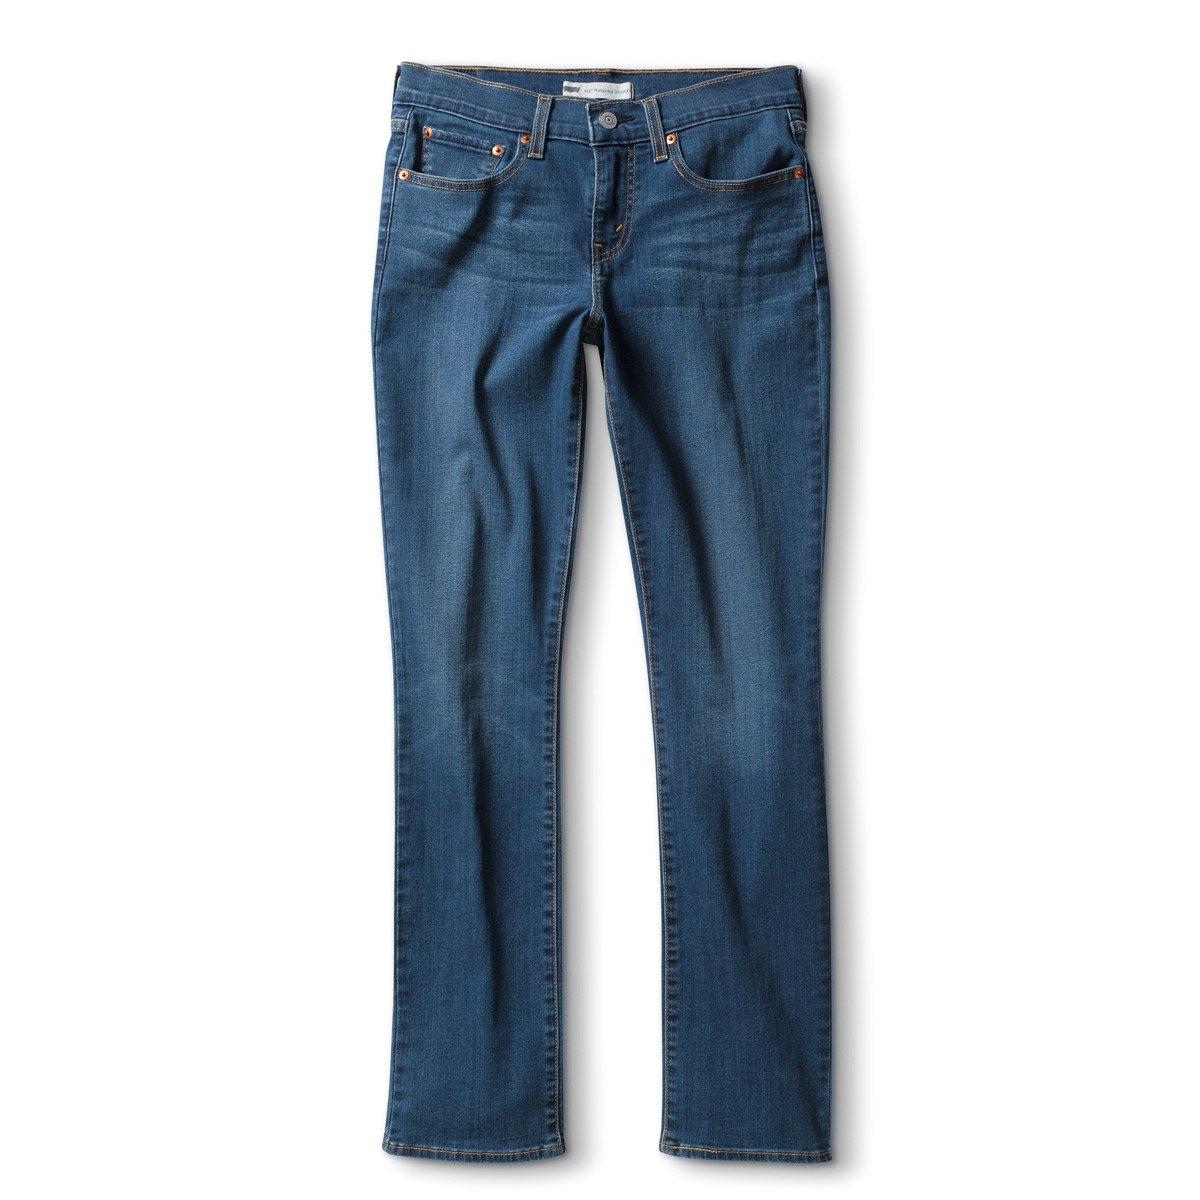 Jeans Levi's Misses, Corte Recto